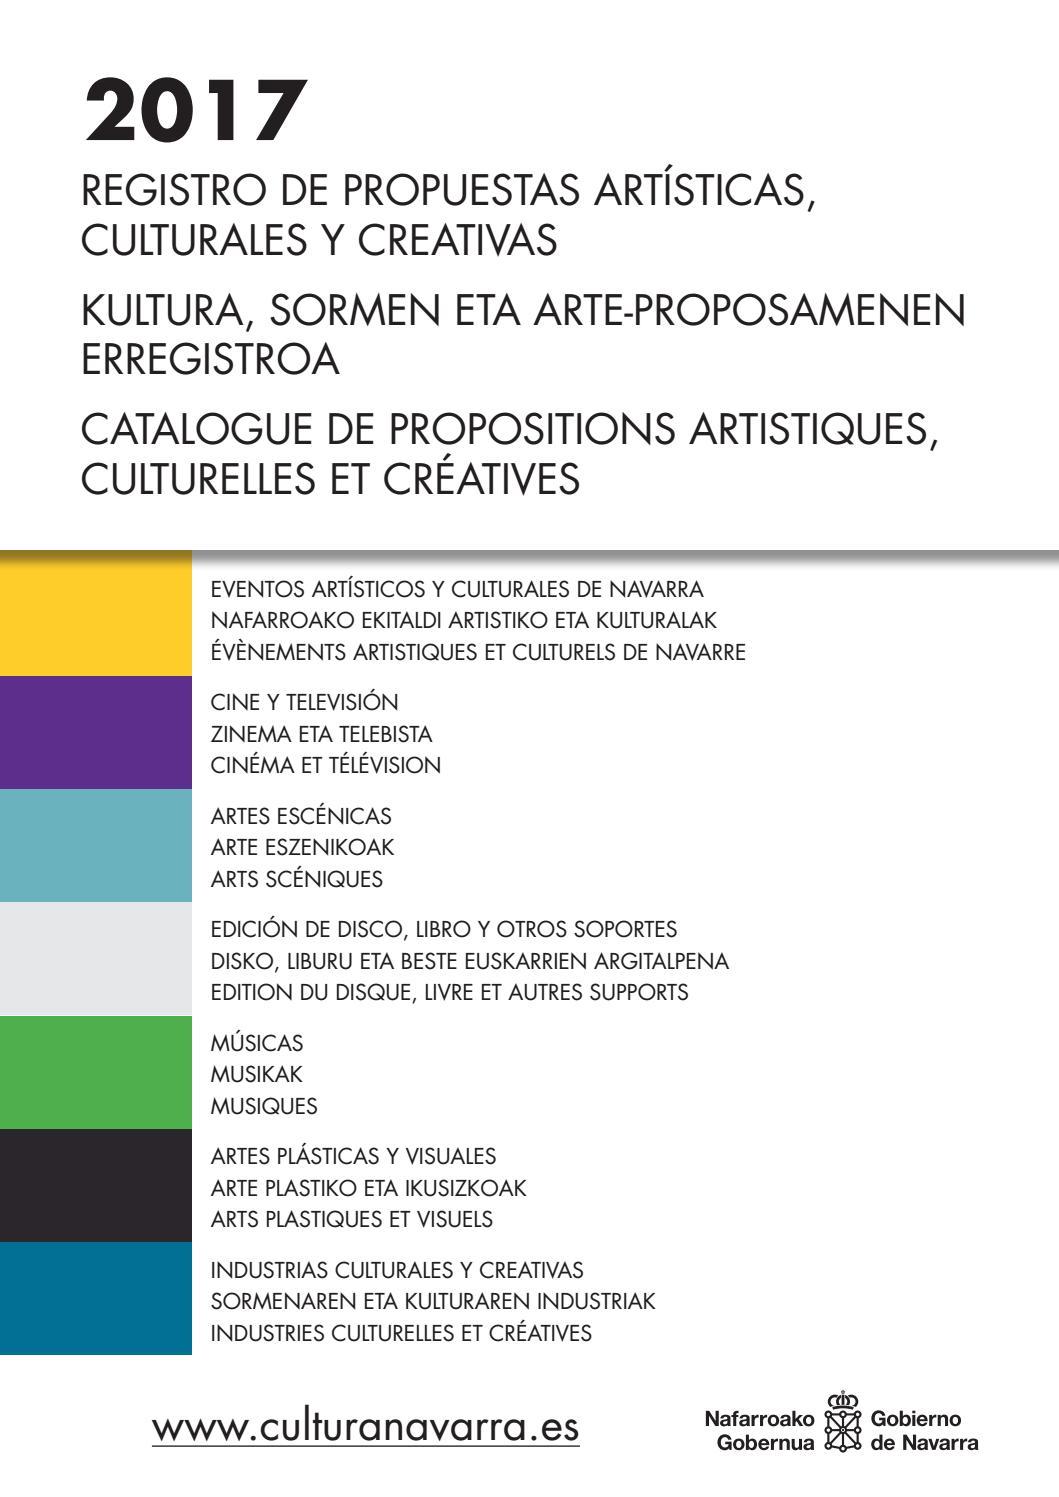 Registro de artistas de Navarra 2017 by Cultura Navarra - issuu